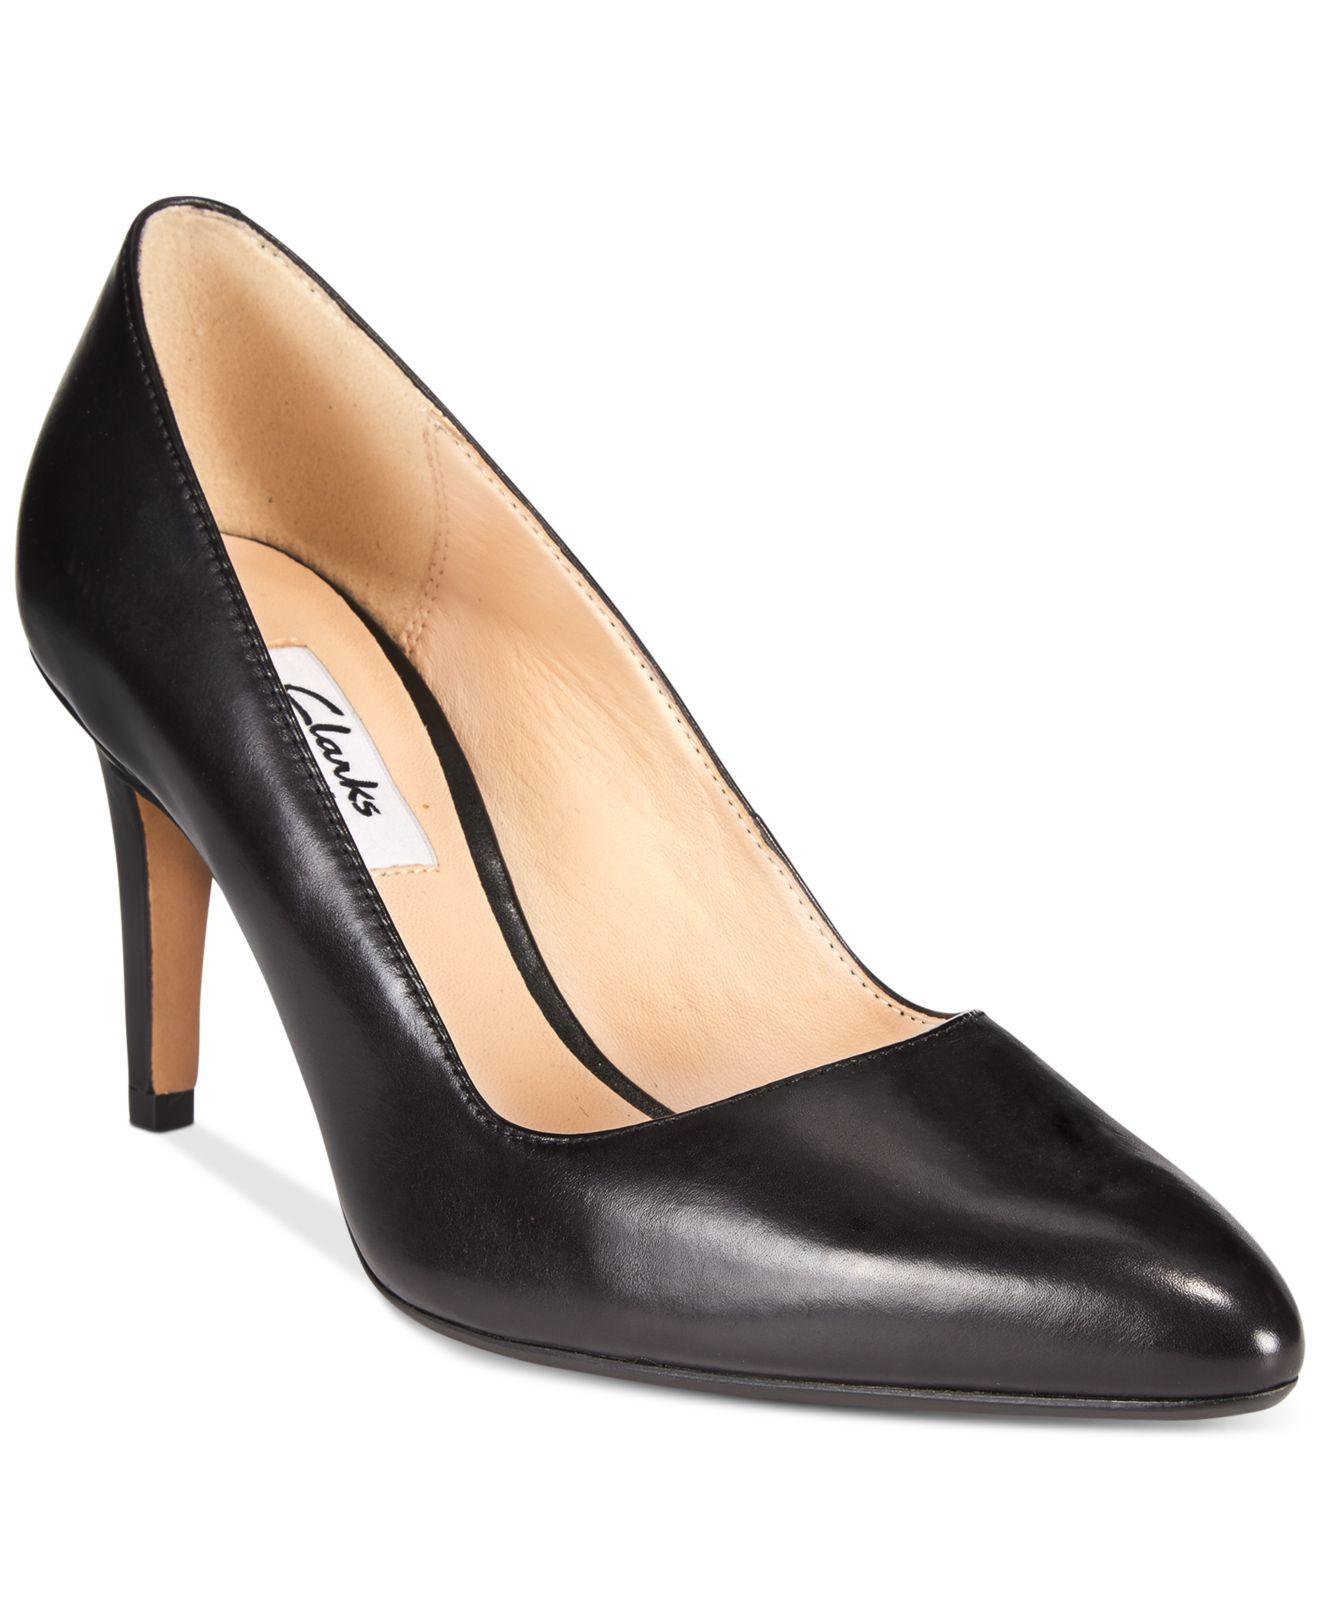 Clarks Shoes Black Pumps